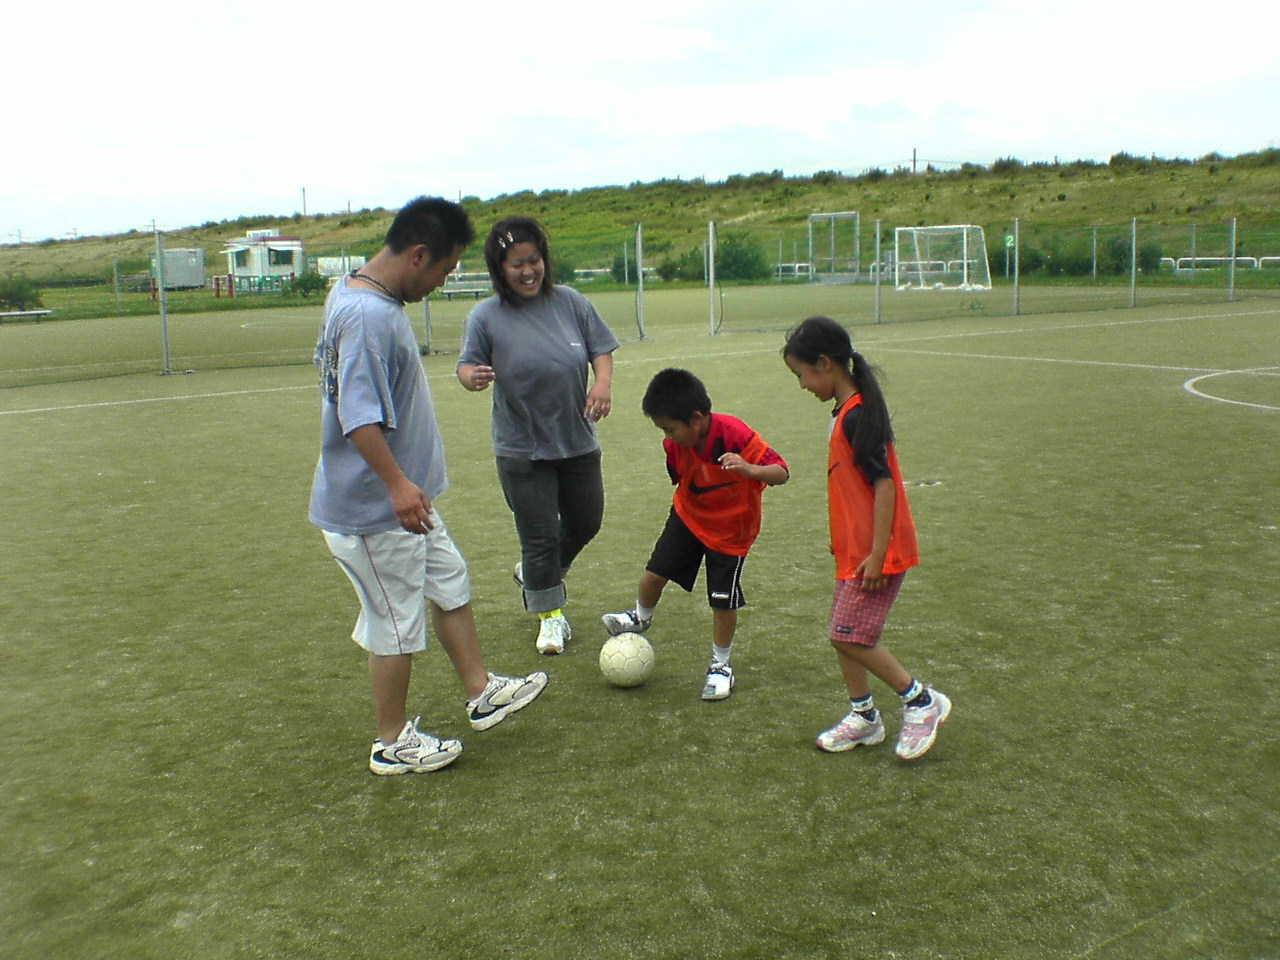 ファミリーサッカー in 鳥飼_a0059812_23365272.jpg